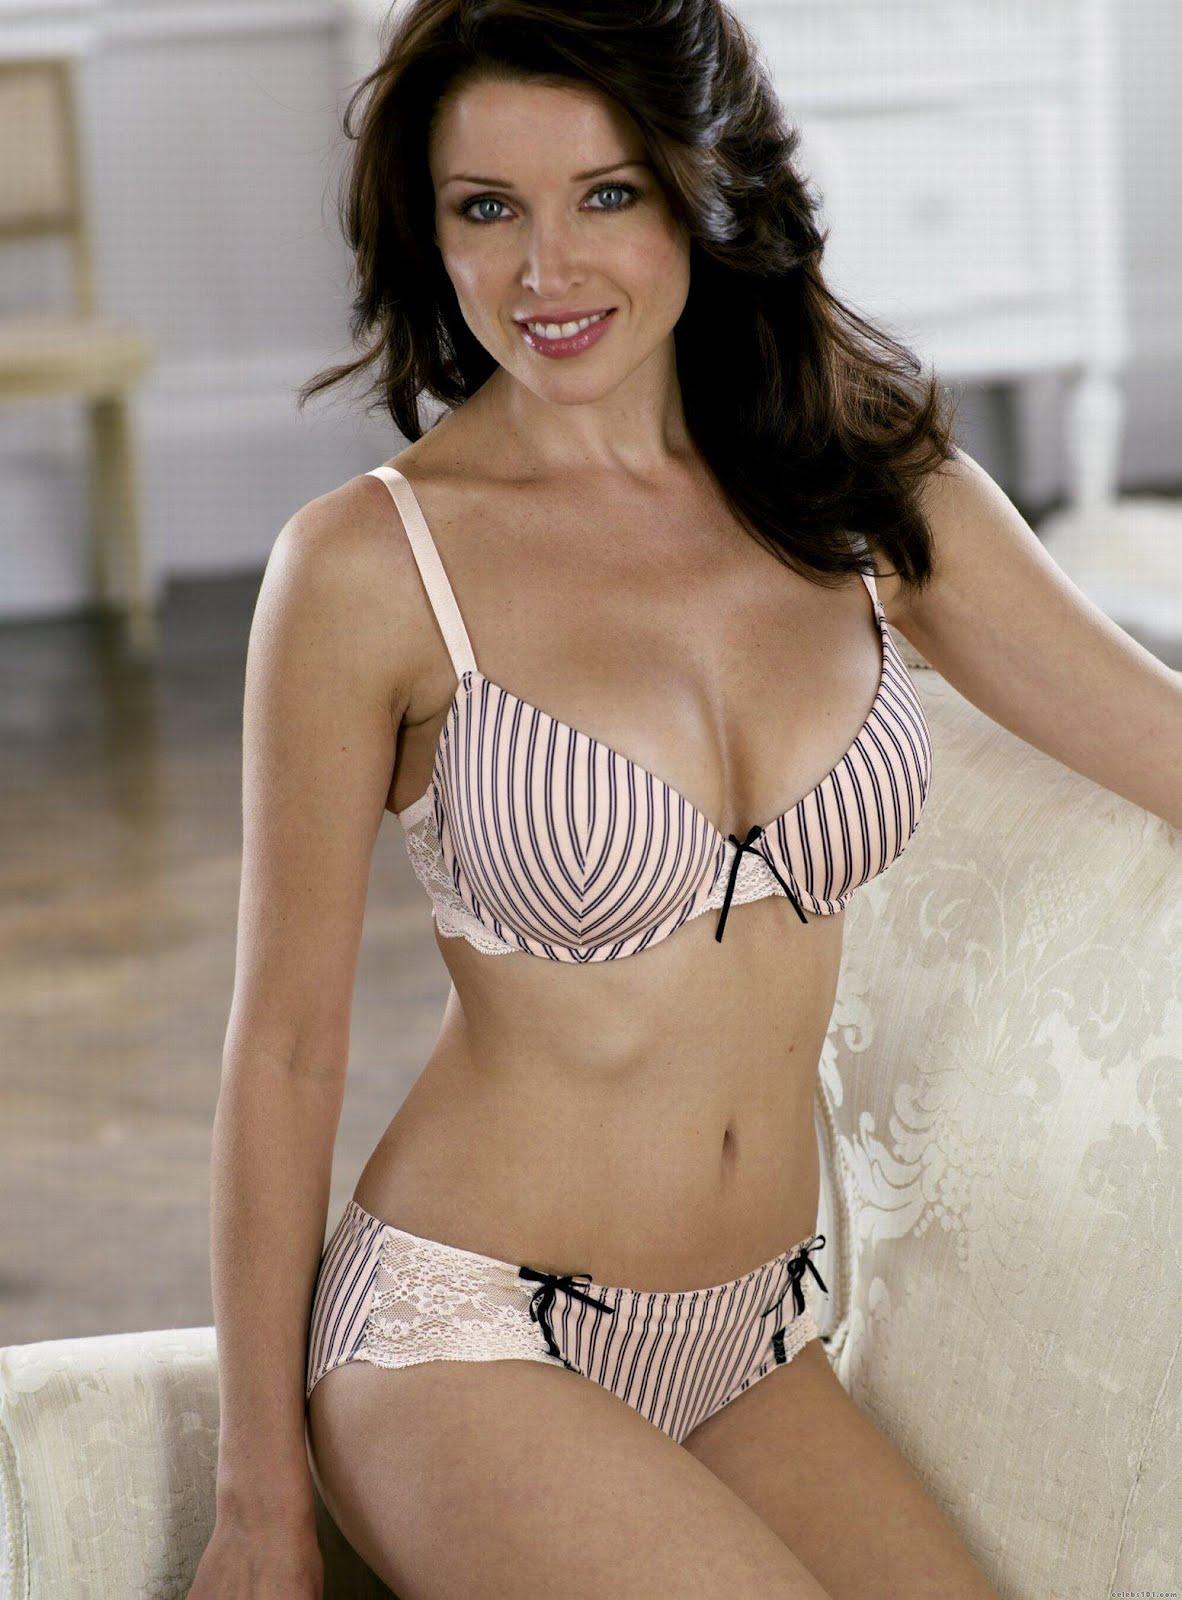 http://2.bp.blogspot.com/-tyVt8J0SVNI/T6bPvc608oI/AAAAAAAAHxs/B-Sf0XFOL2g/s1600/Dannii_Minogue_Bra_Size.jpg